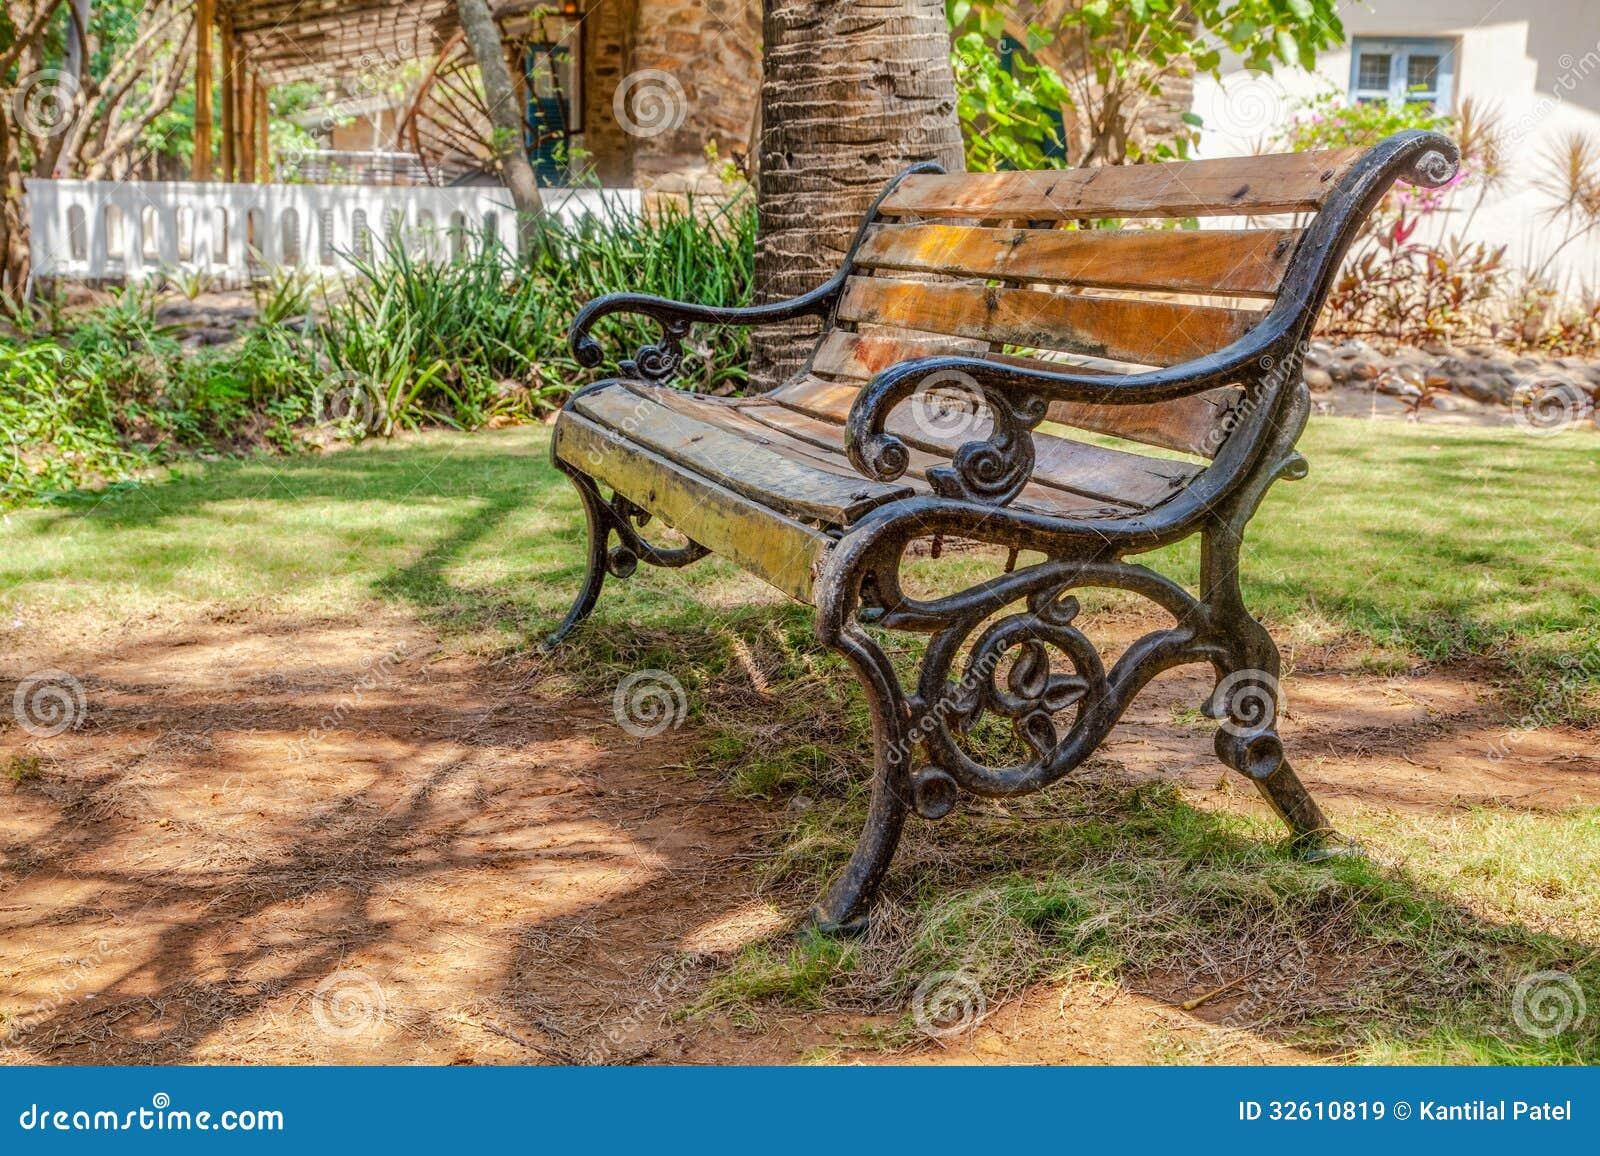 Jardim Ripado De Madeira Shade.CR2 Do Banco Do Ferro Fundido Imagens De  Stock Royalty